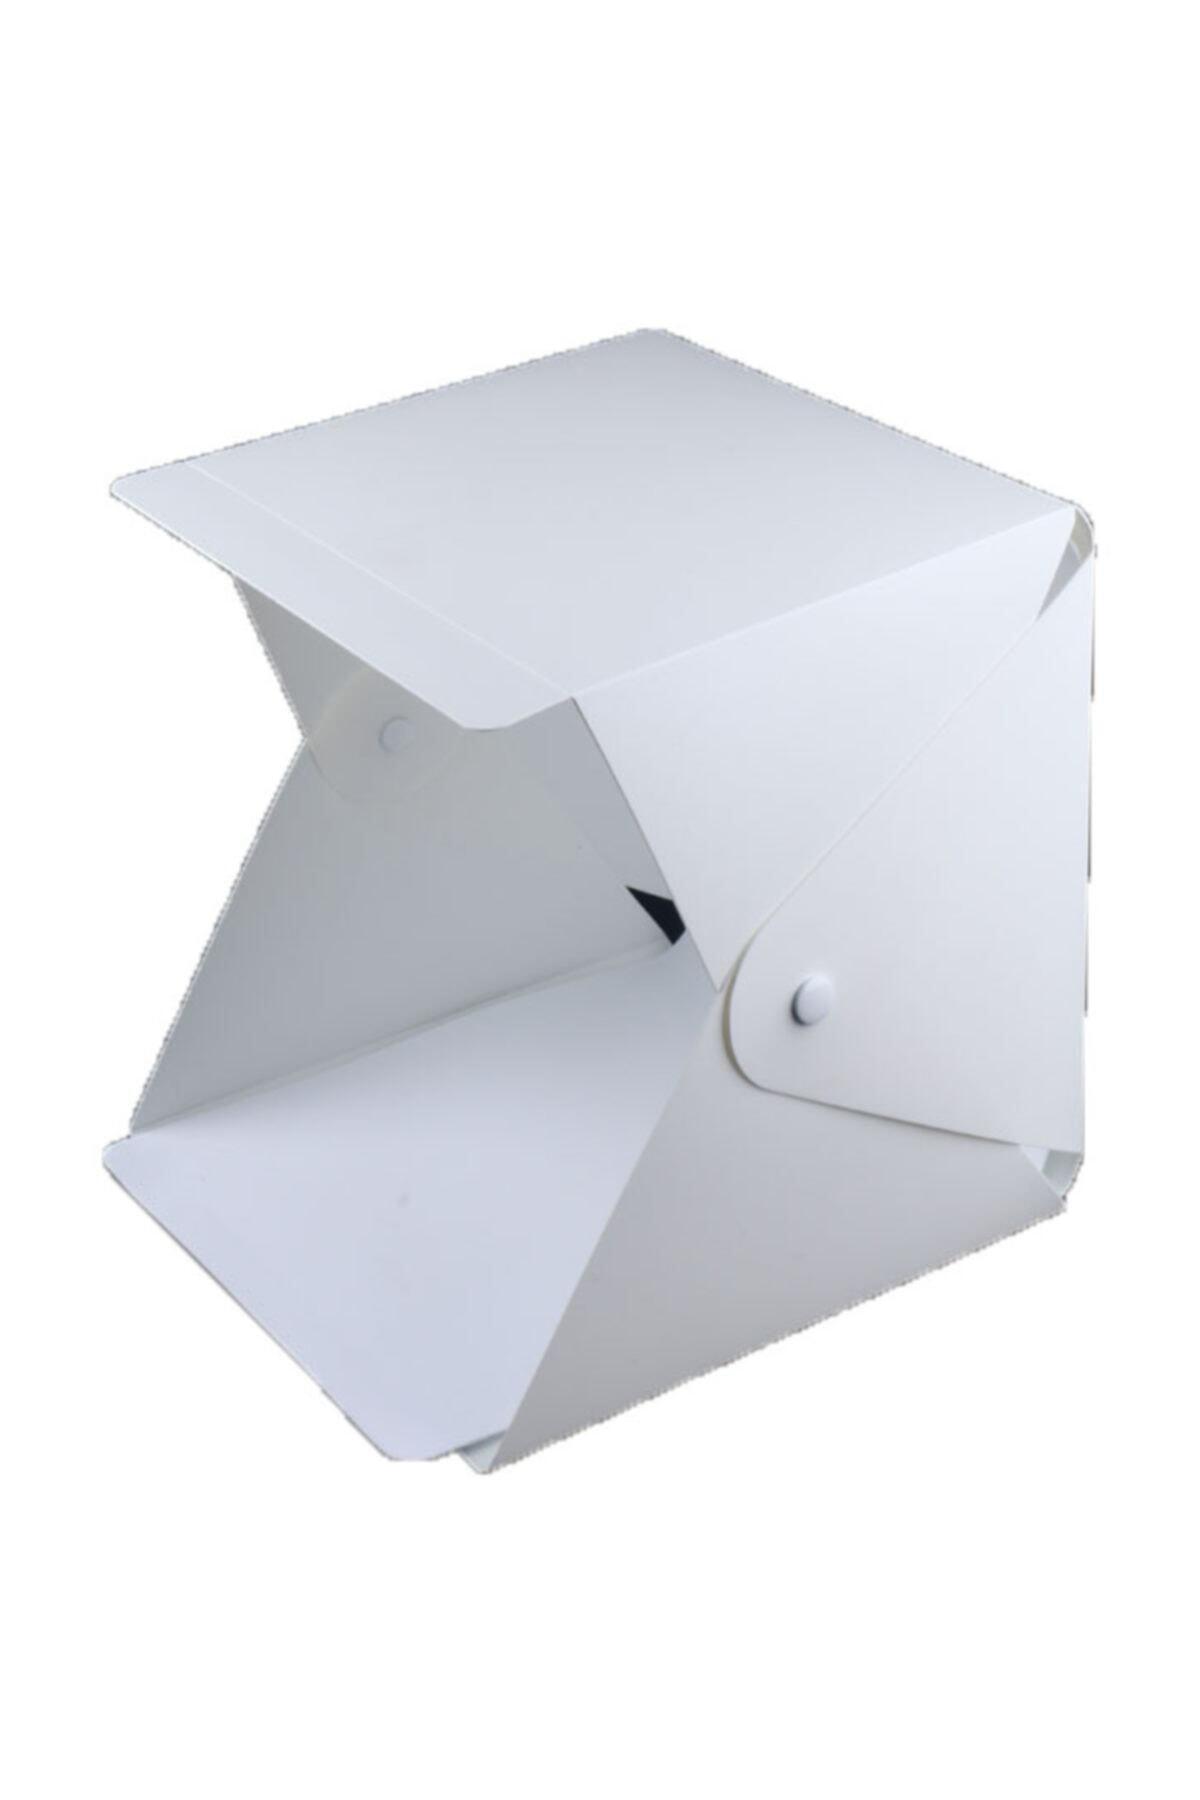 Vision Portatif Işıklı Ürün Fotograf Çekim Çadırı 22.6*23*24cm 2 Fonlu Siyah-beyaz 1